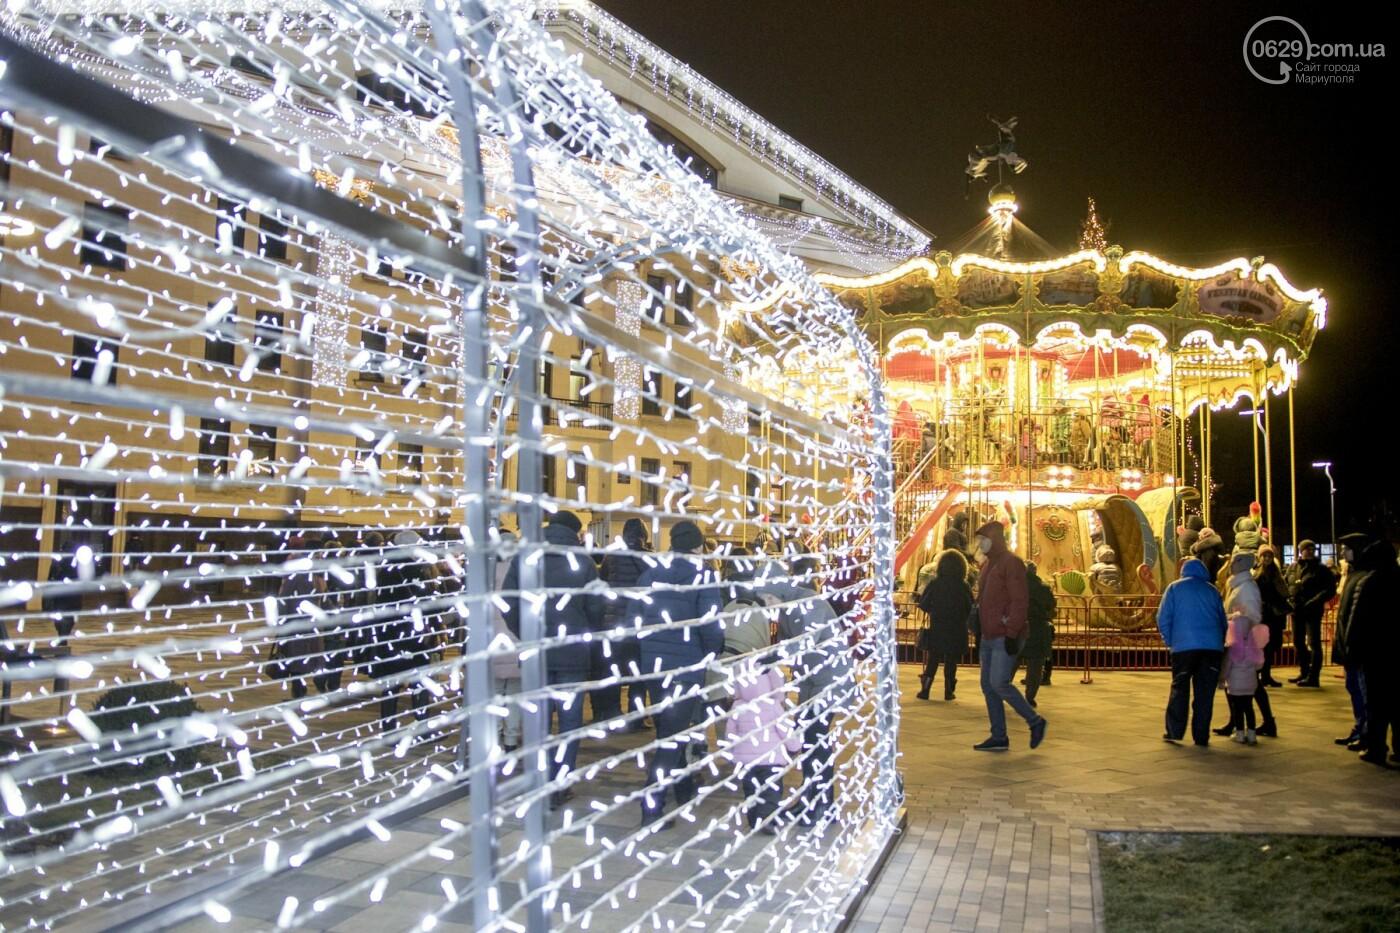 Как в Мариуполь с новогодними праздниками пришла Европа,  - ФОТО, ВИДЕО, фото-6